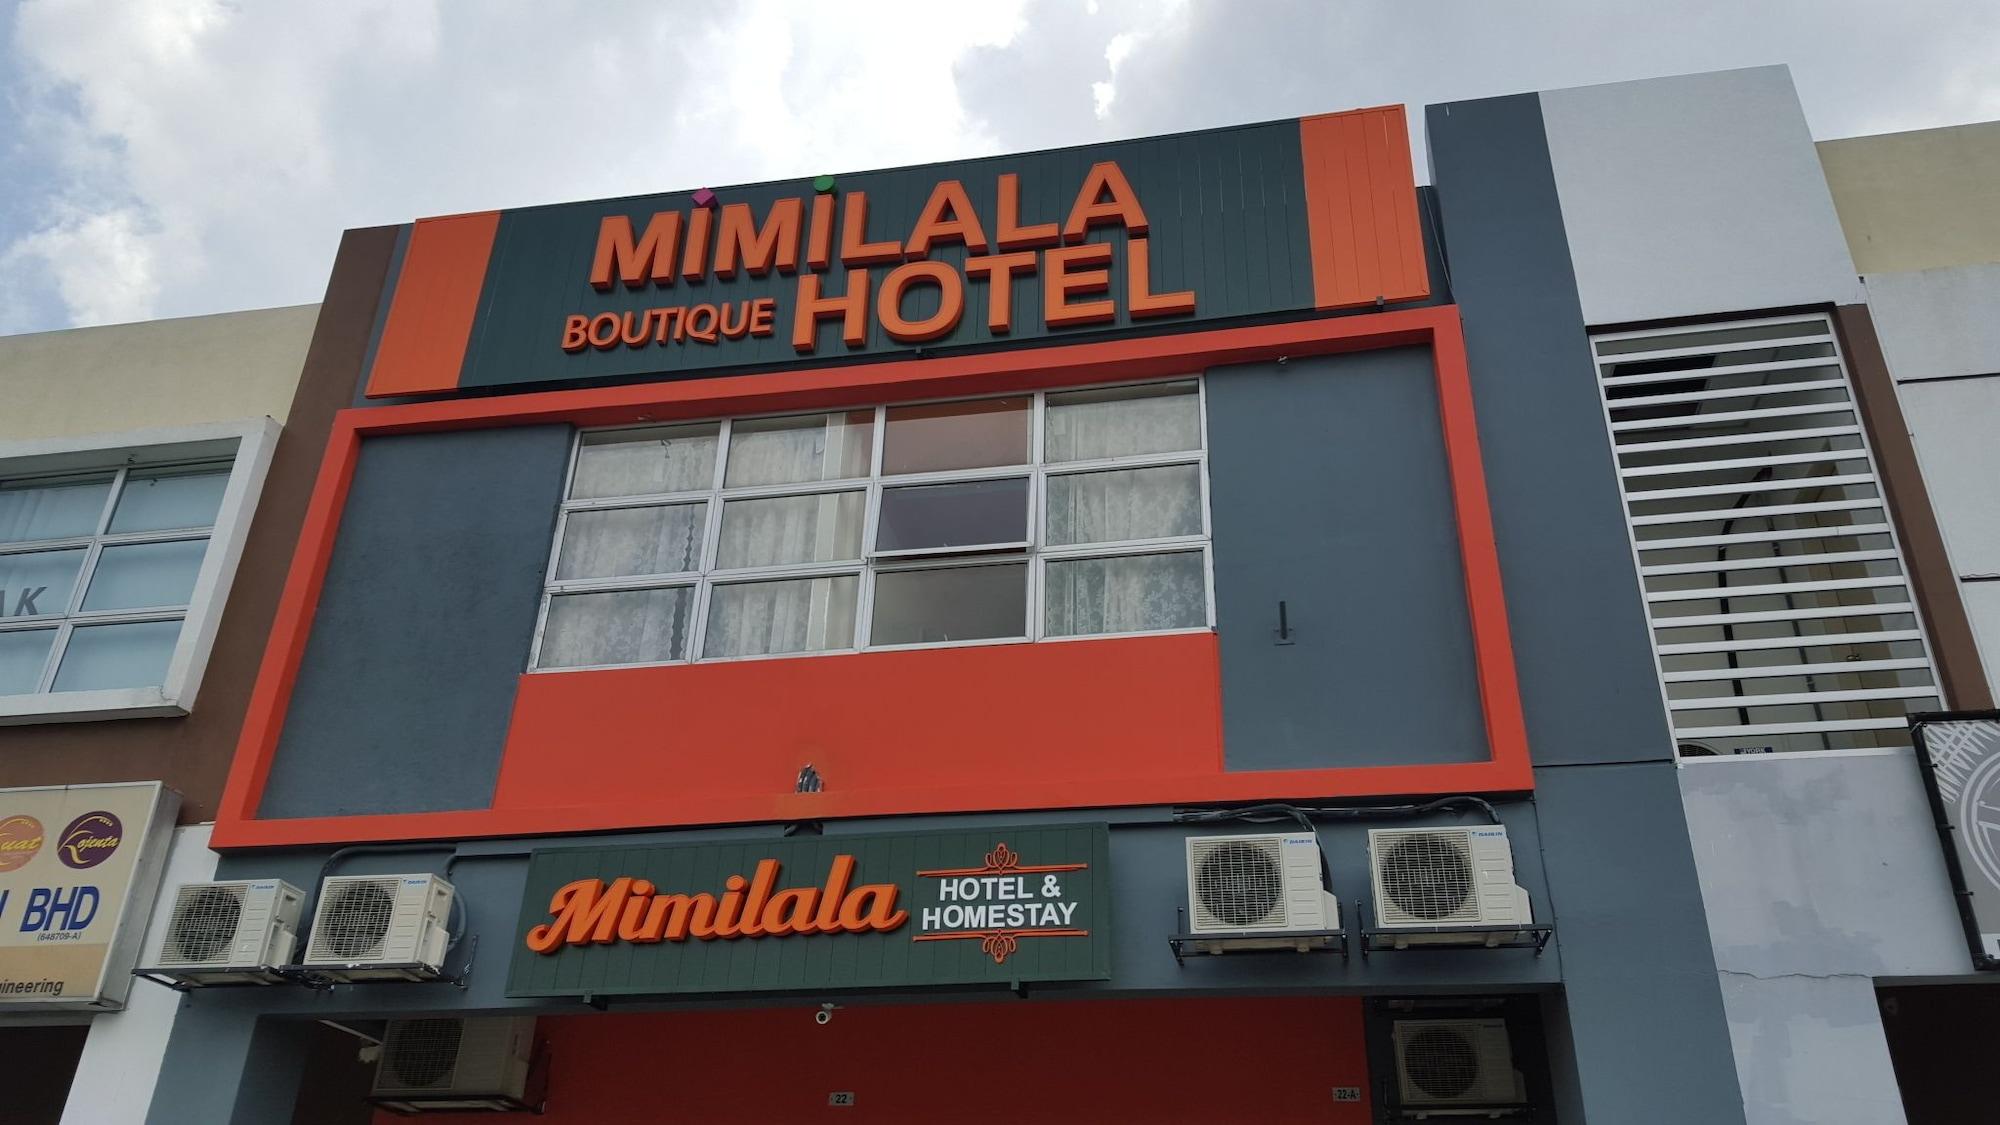 Mimilala Boutique Hotel, Klang